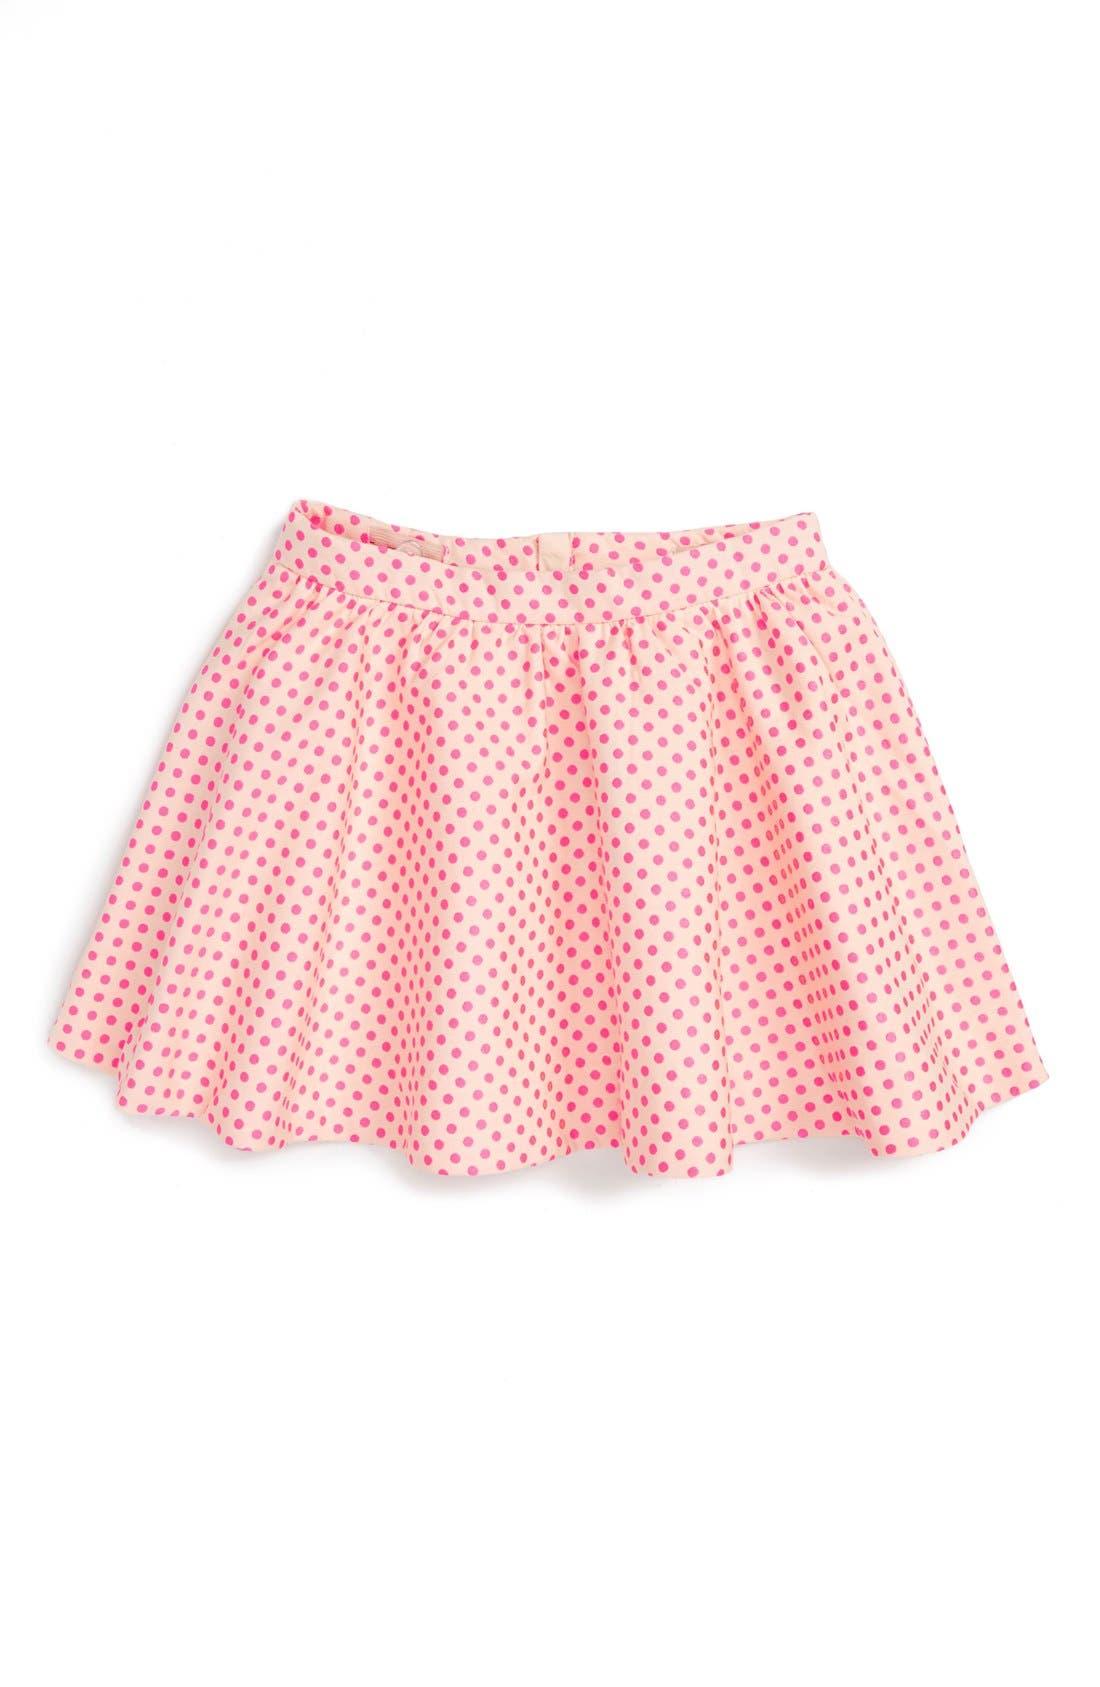 Alternate Image 1 Selected - kate spade new york 'coreen' dot jacquard skirt (Toddler Girls & Little Girls)